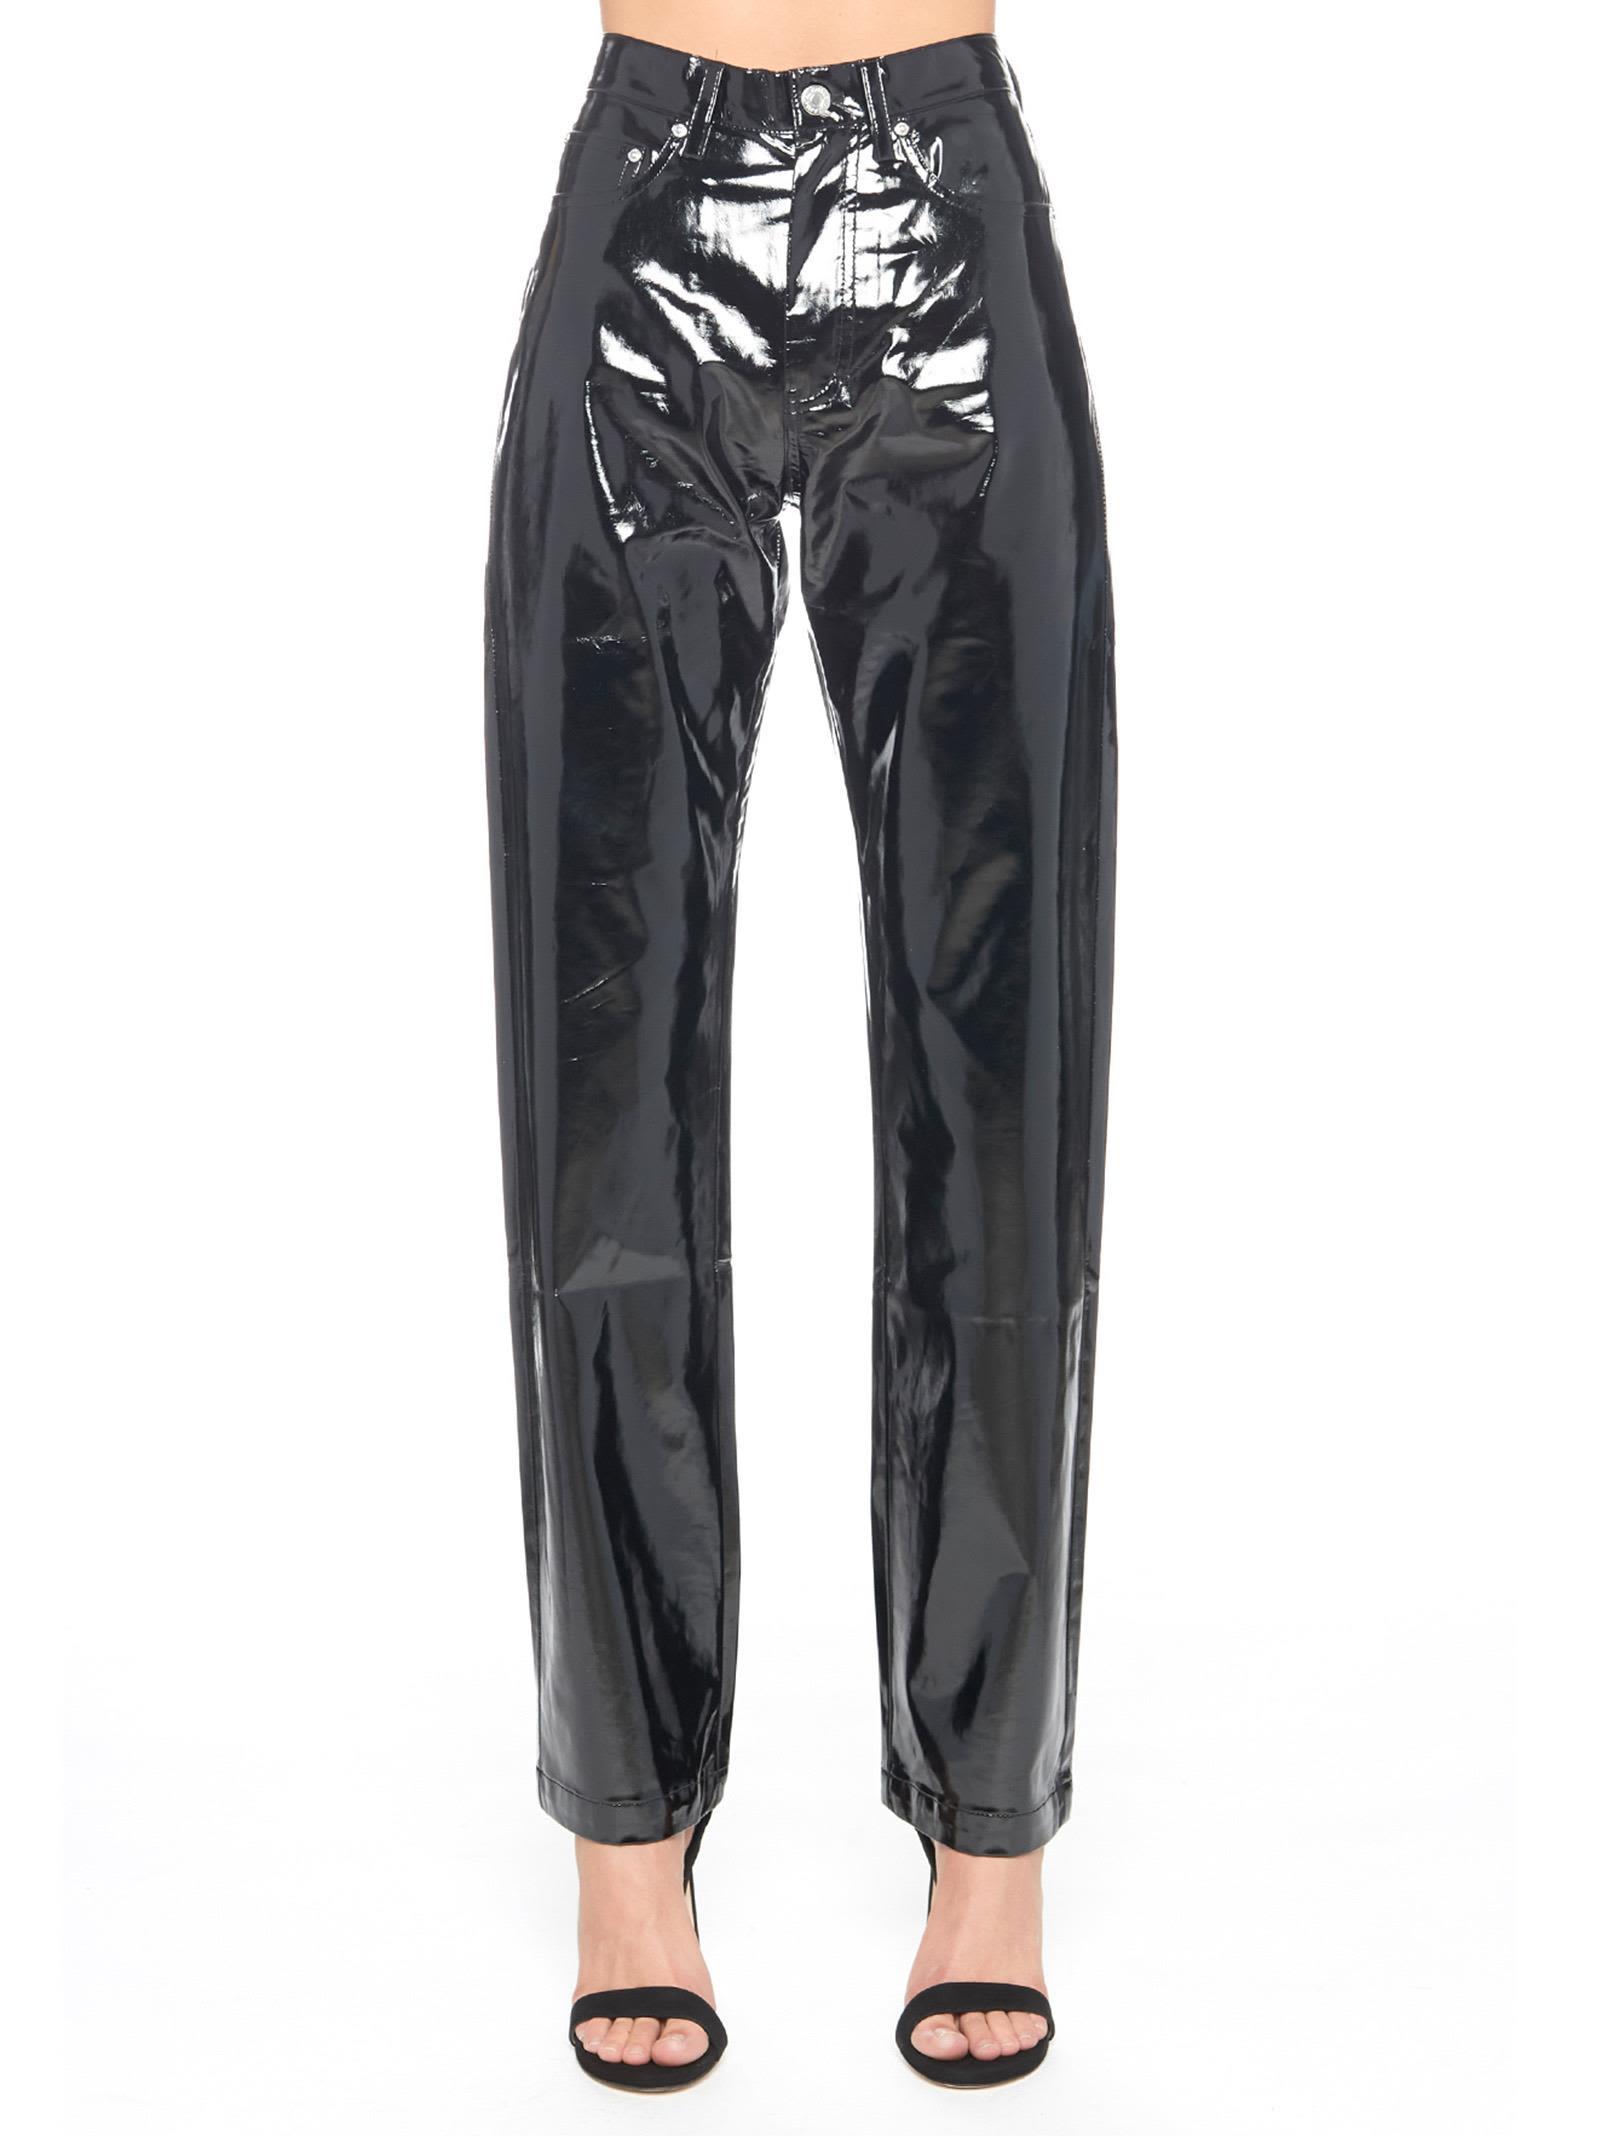 calvin klein jeans -  'vinyl Five Pockets' Pants